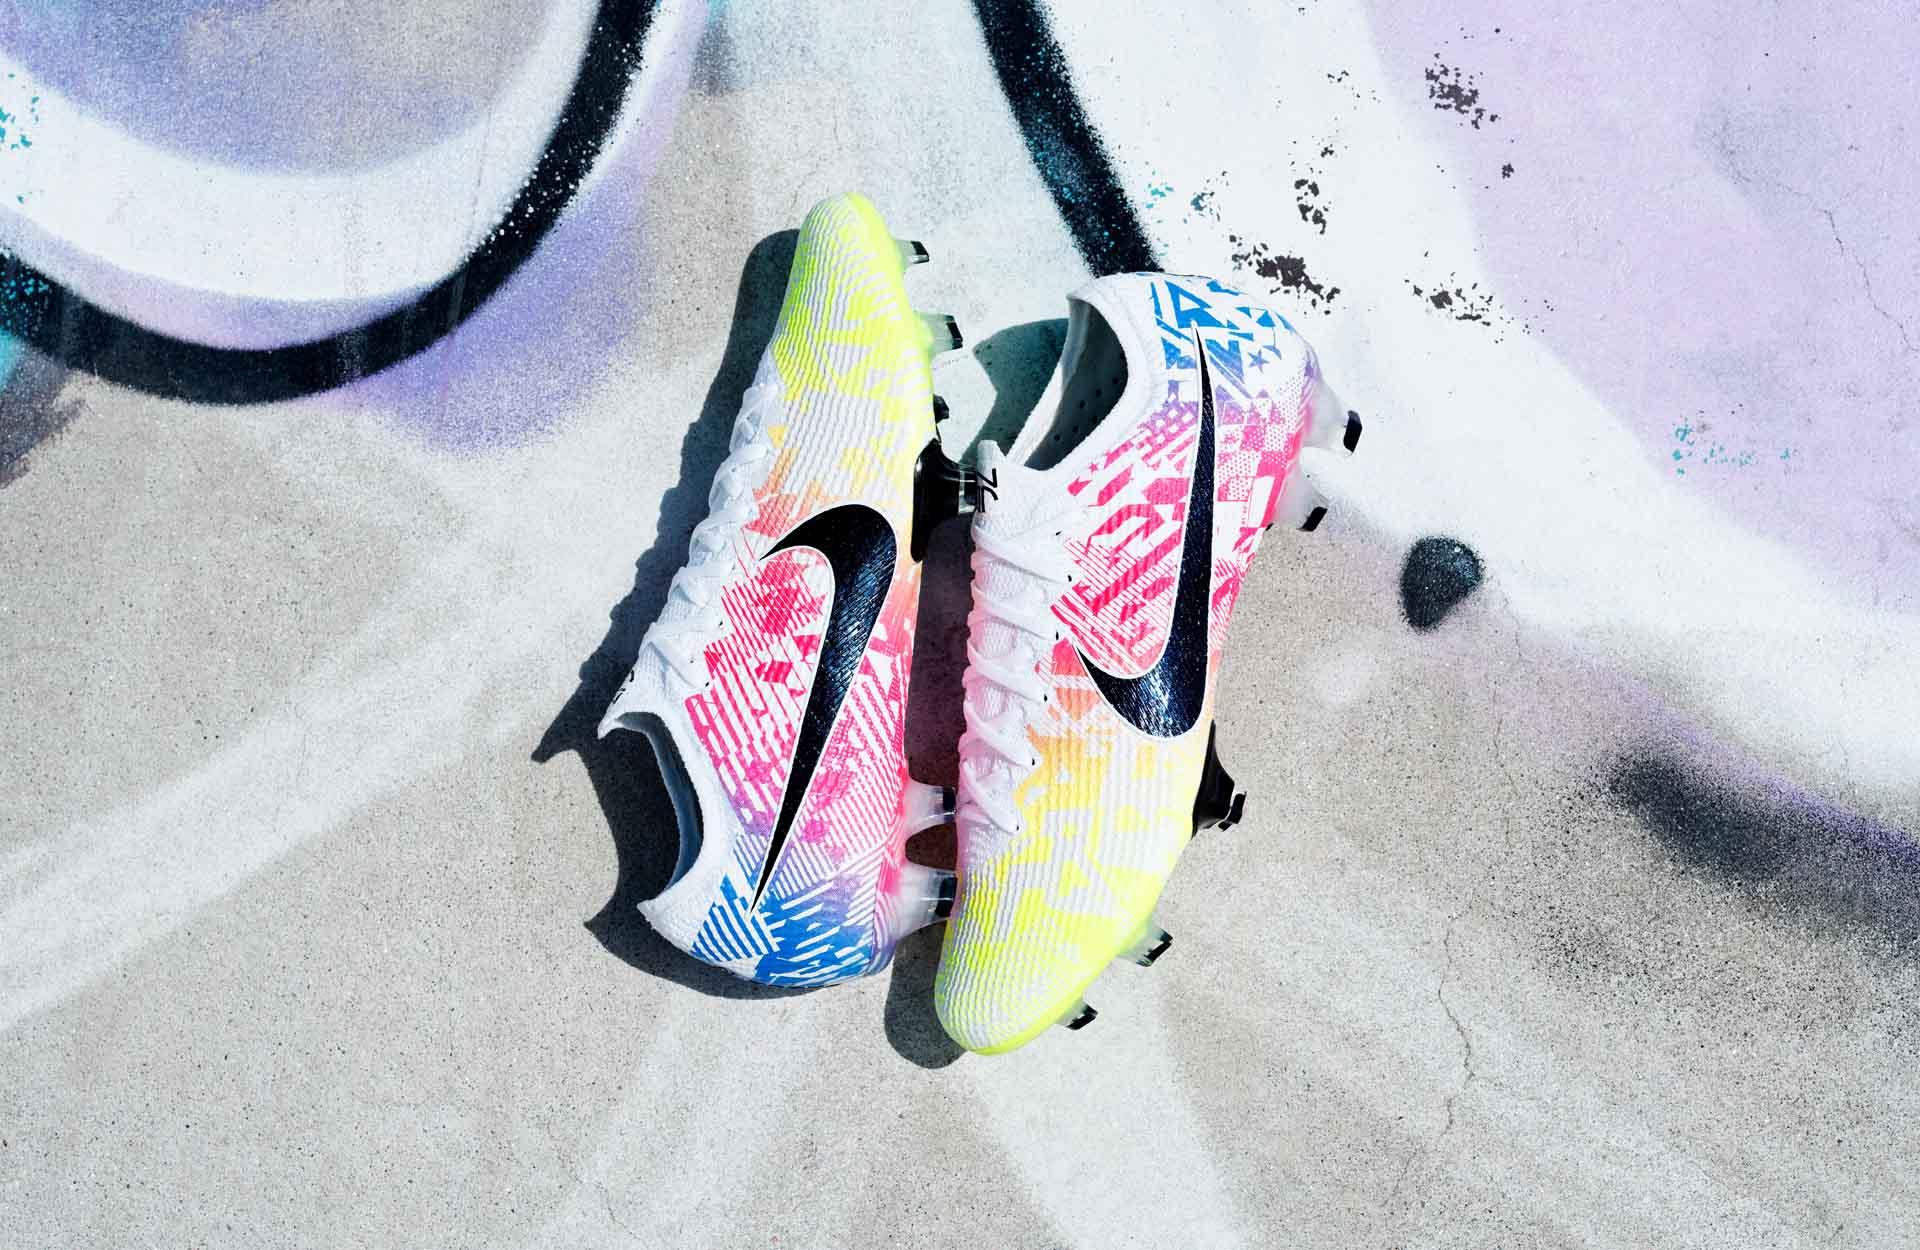 Mẫu giày đá bóng mới của Neymar có tên là Jogo Prismático